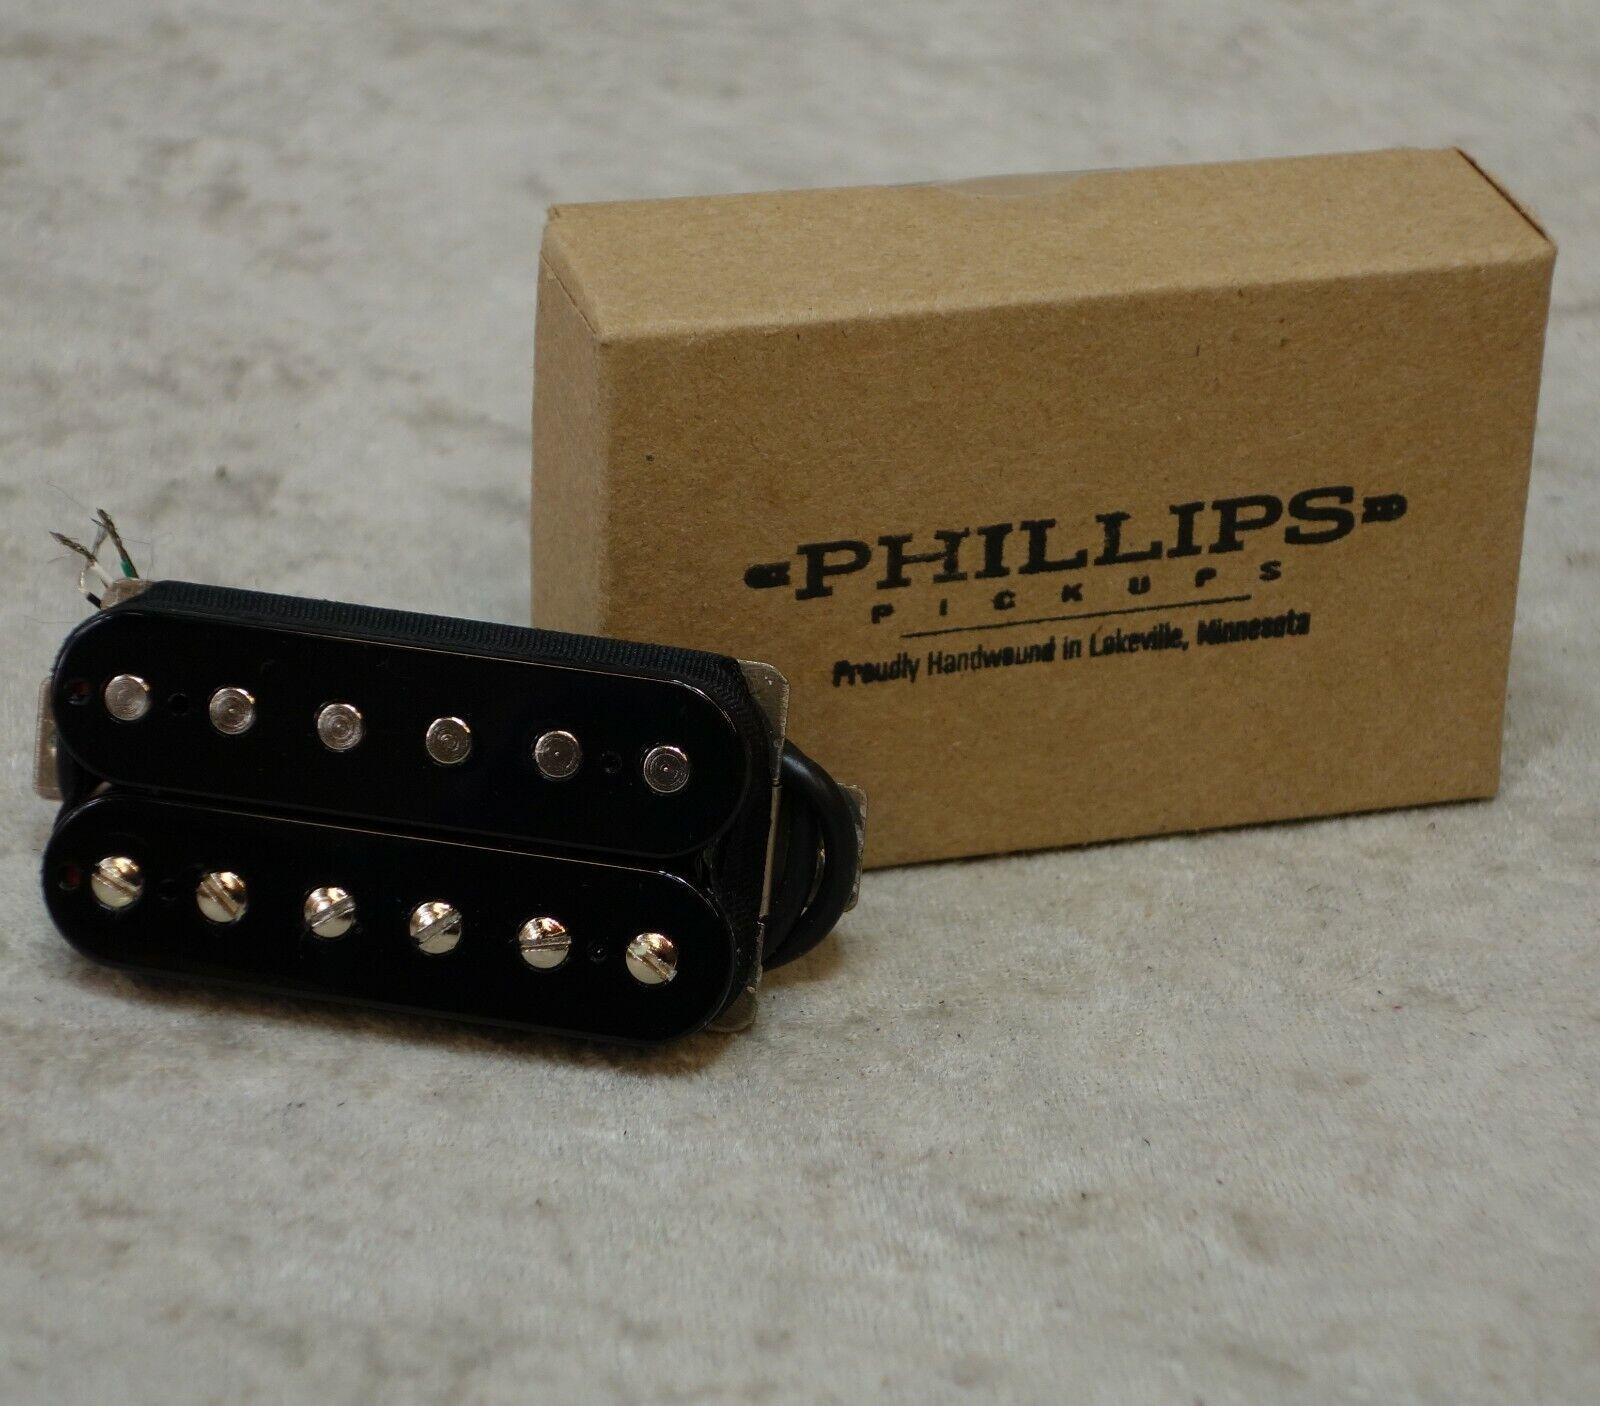 NEW  Phillips Pickups Altitude PH6016 handwound bridge humbucker pickup